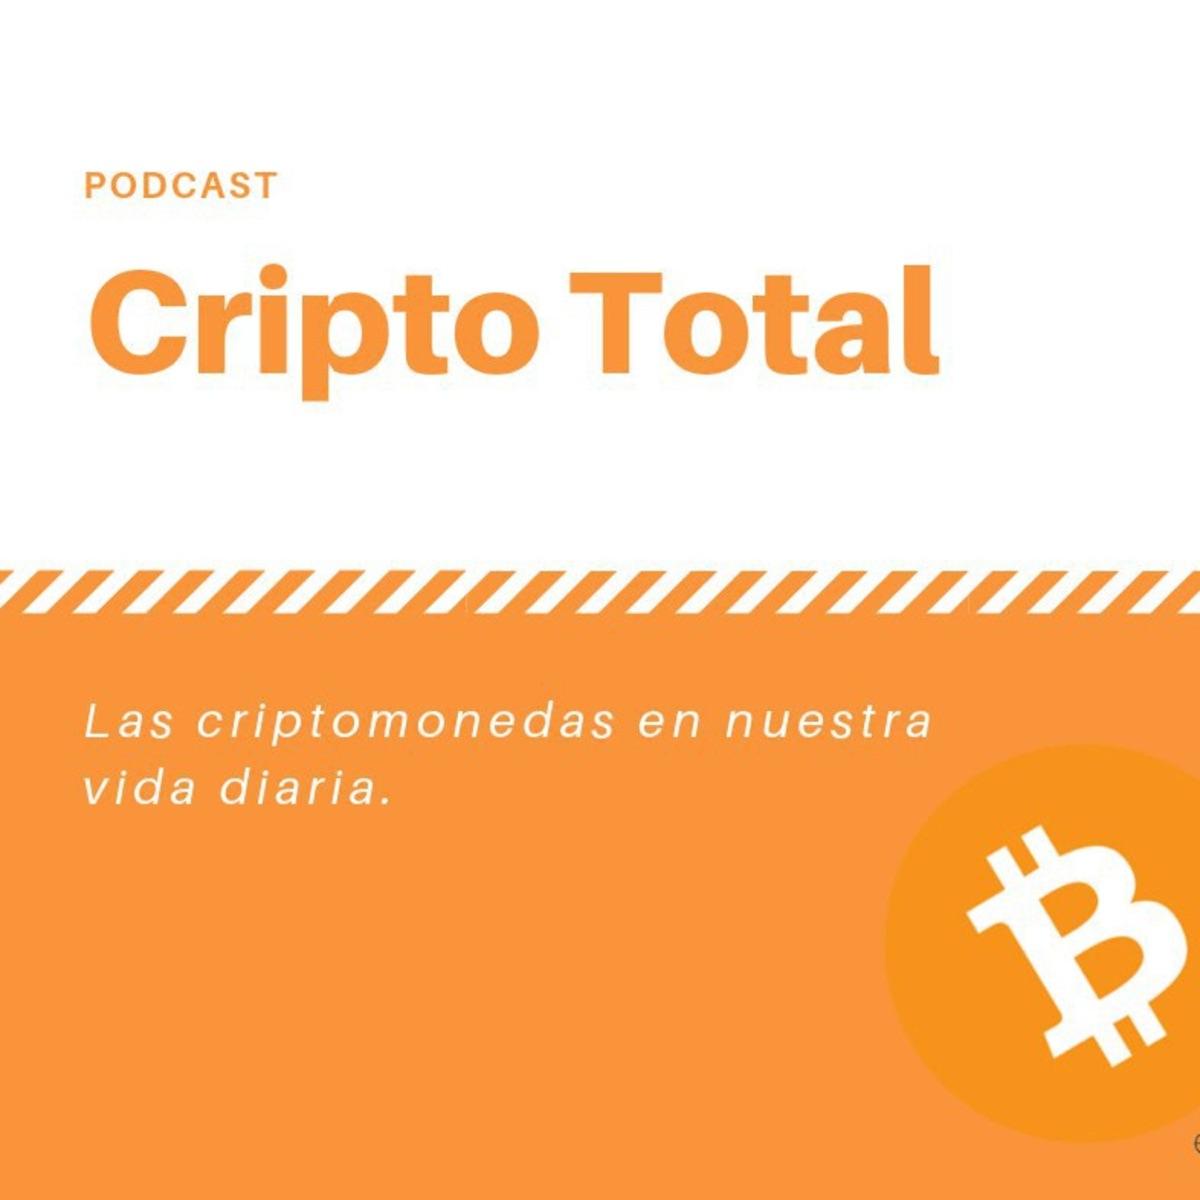 Cripto Total